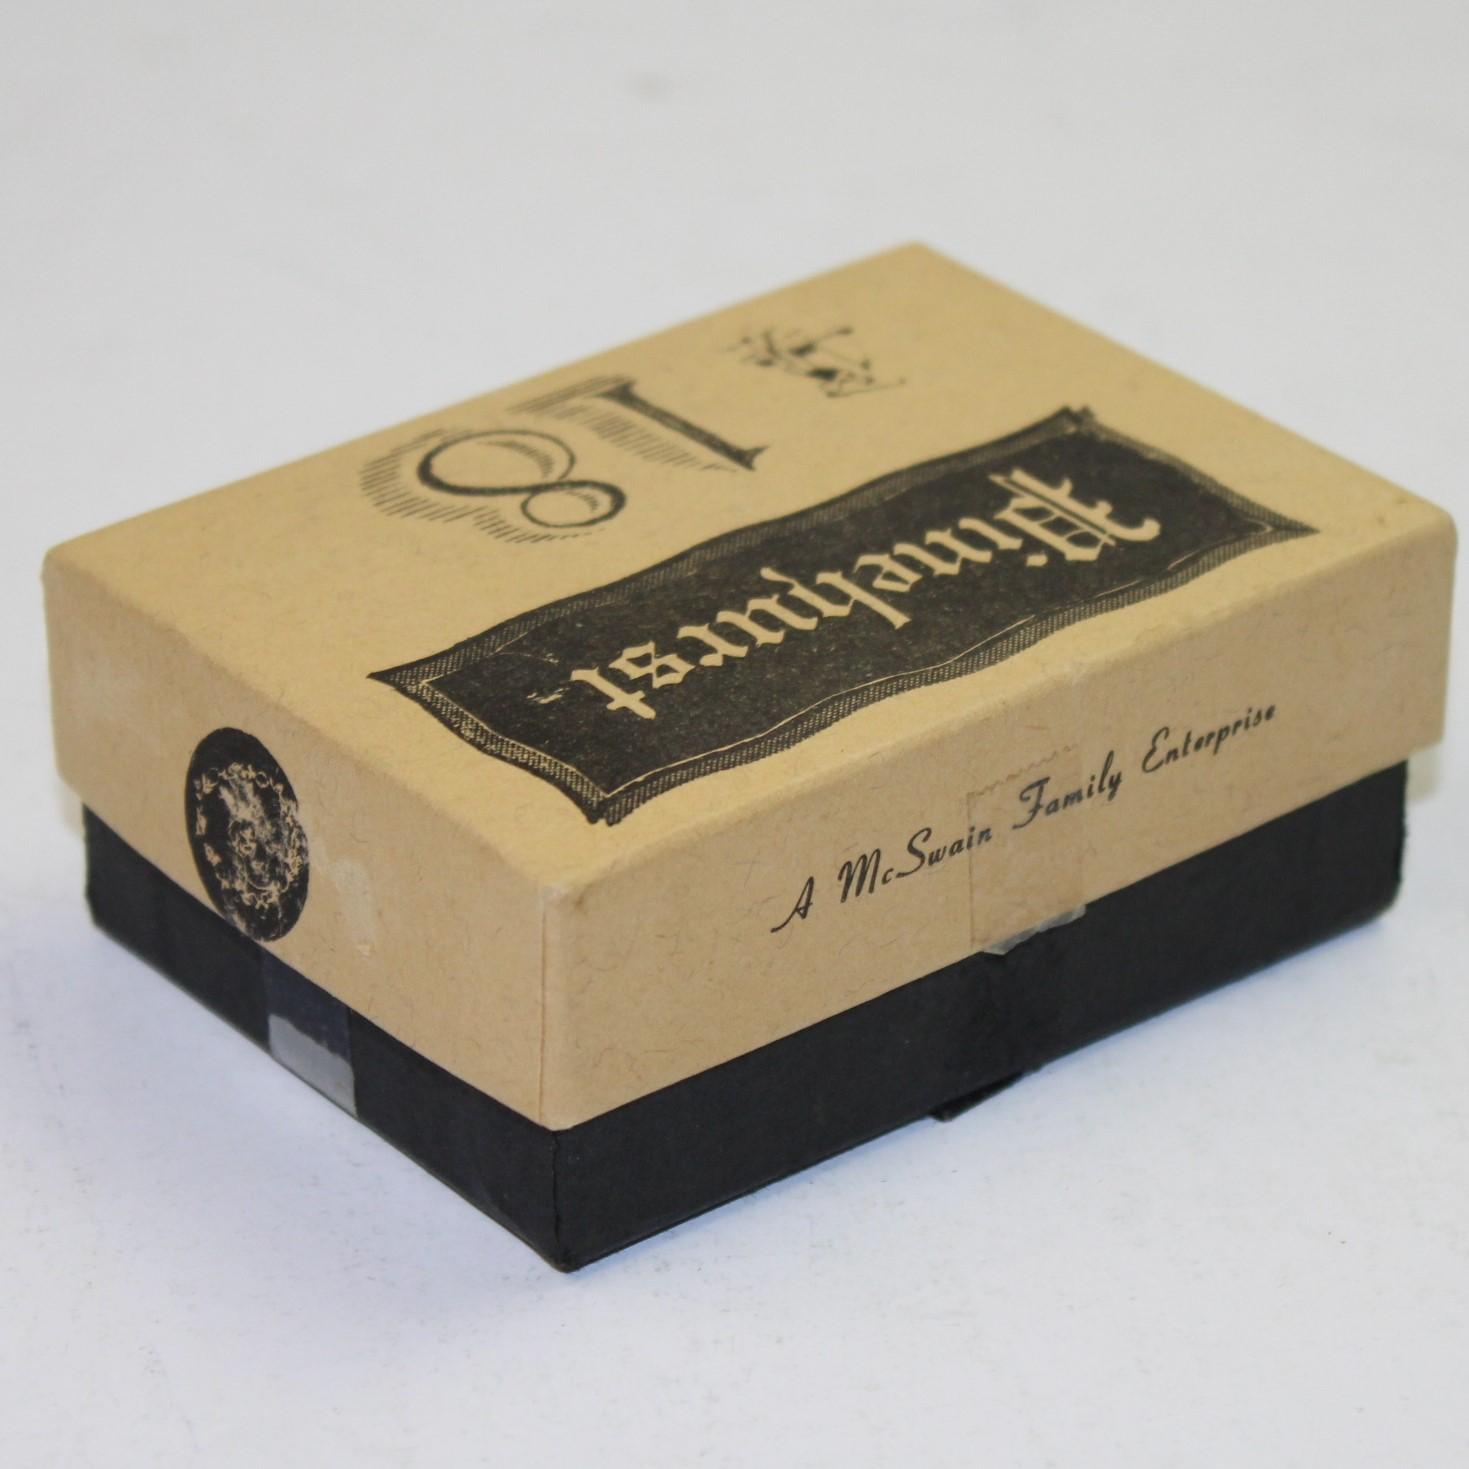 original box packaging